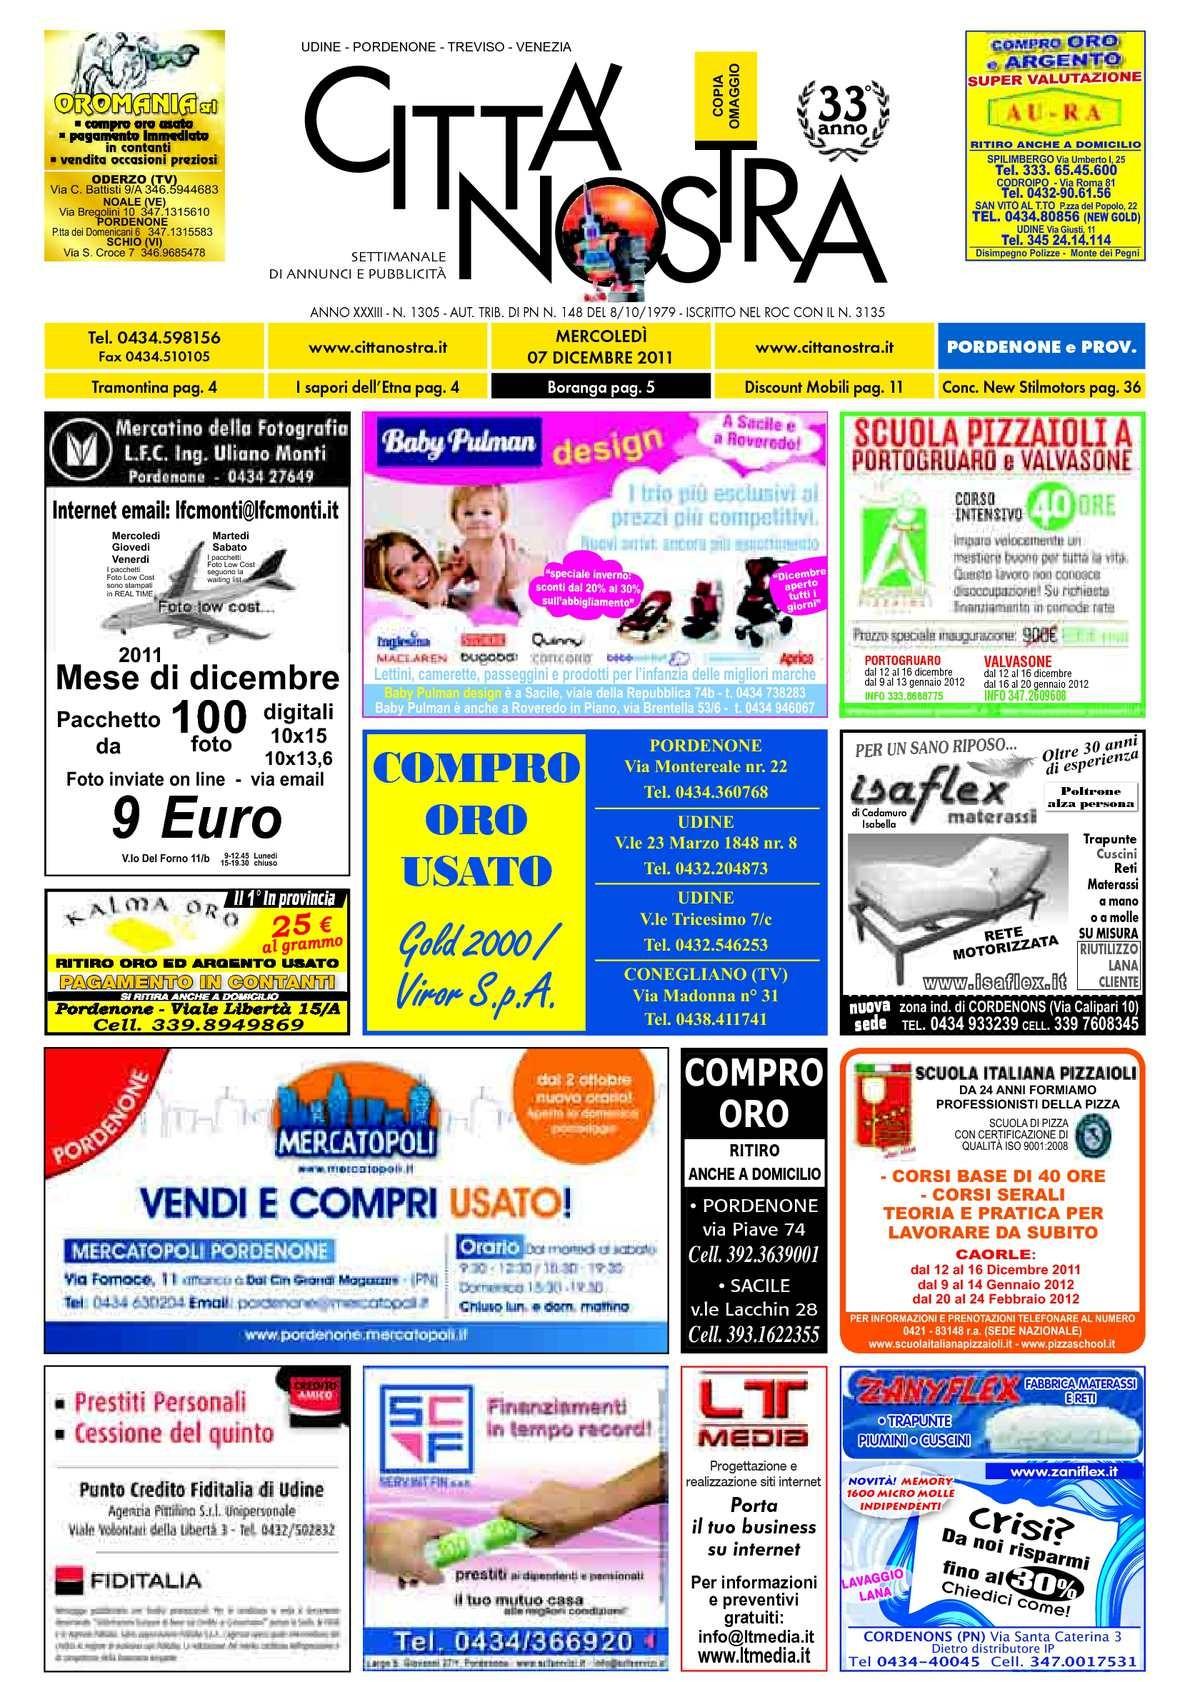 Quadro Calendario Anual Más Recientes Calaméo Citt Nostra Pordenone Del 07 12 2011 N 1305 Of Quadro Calendario Anual Actual Calaméo Citt Nostra Pordenone Del 05 05 2011 N 1276